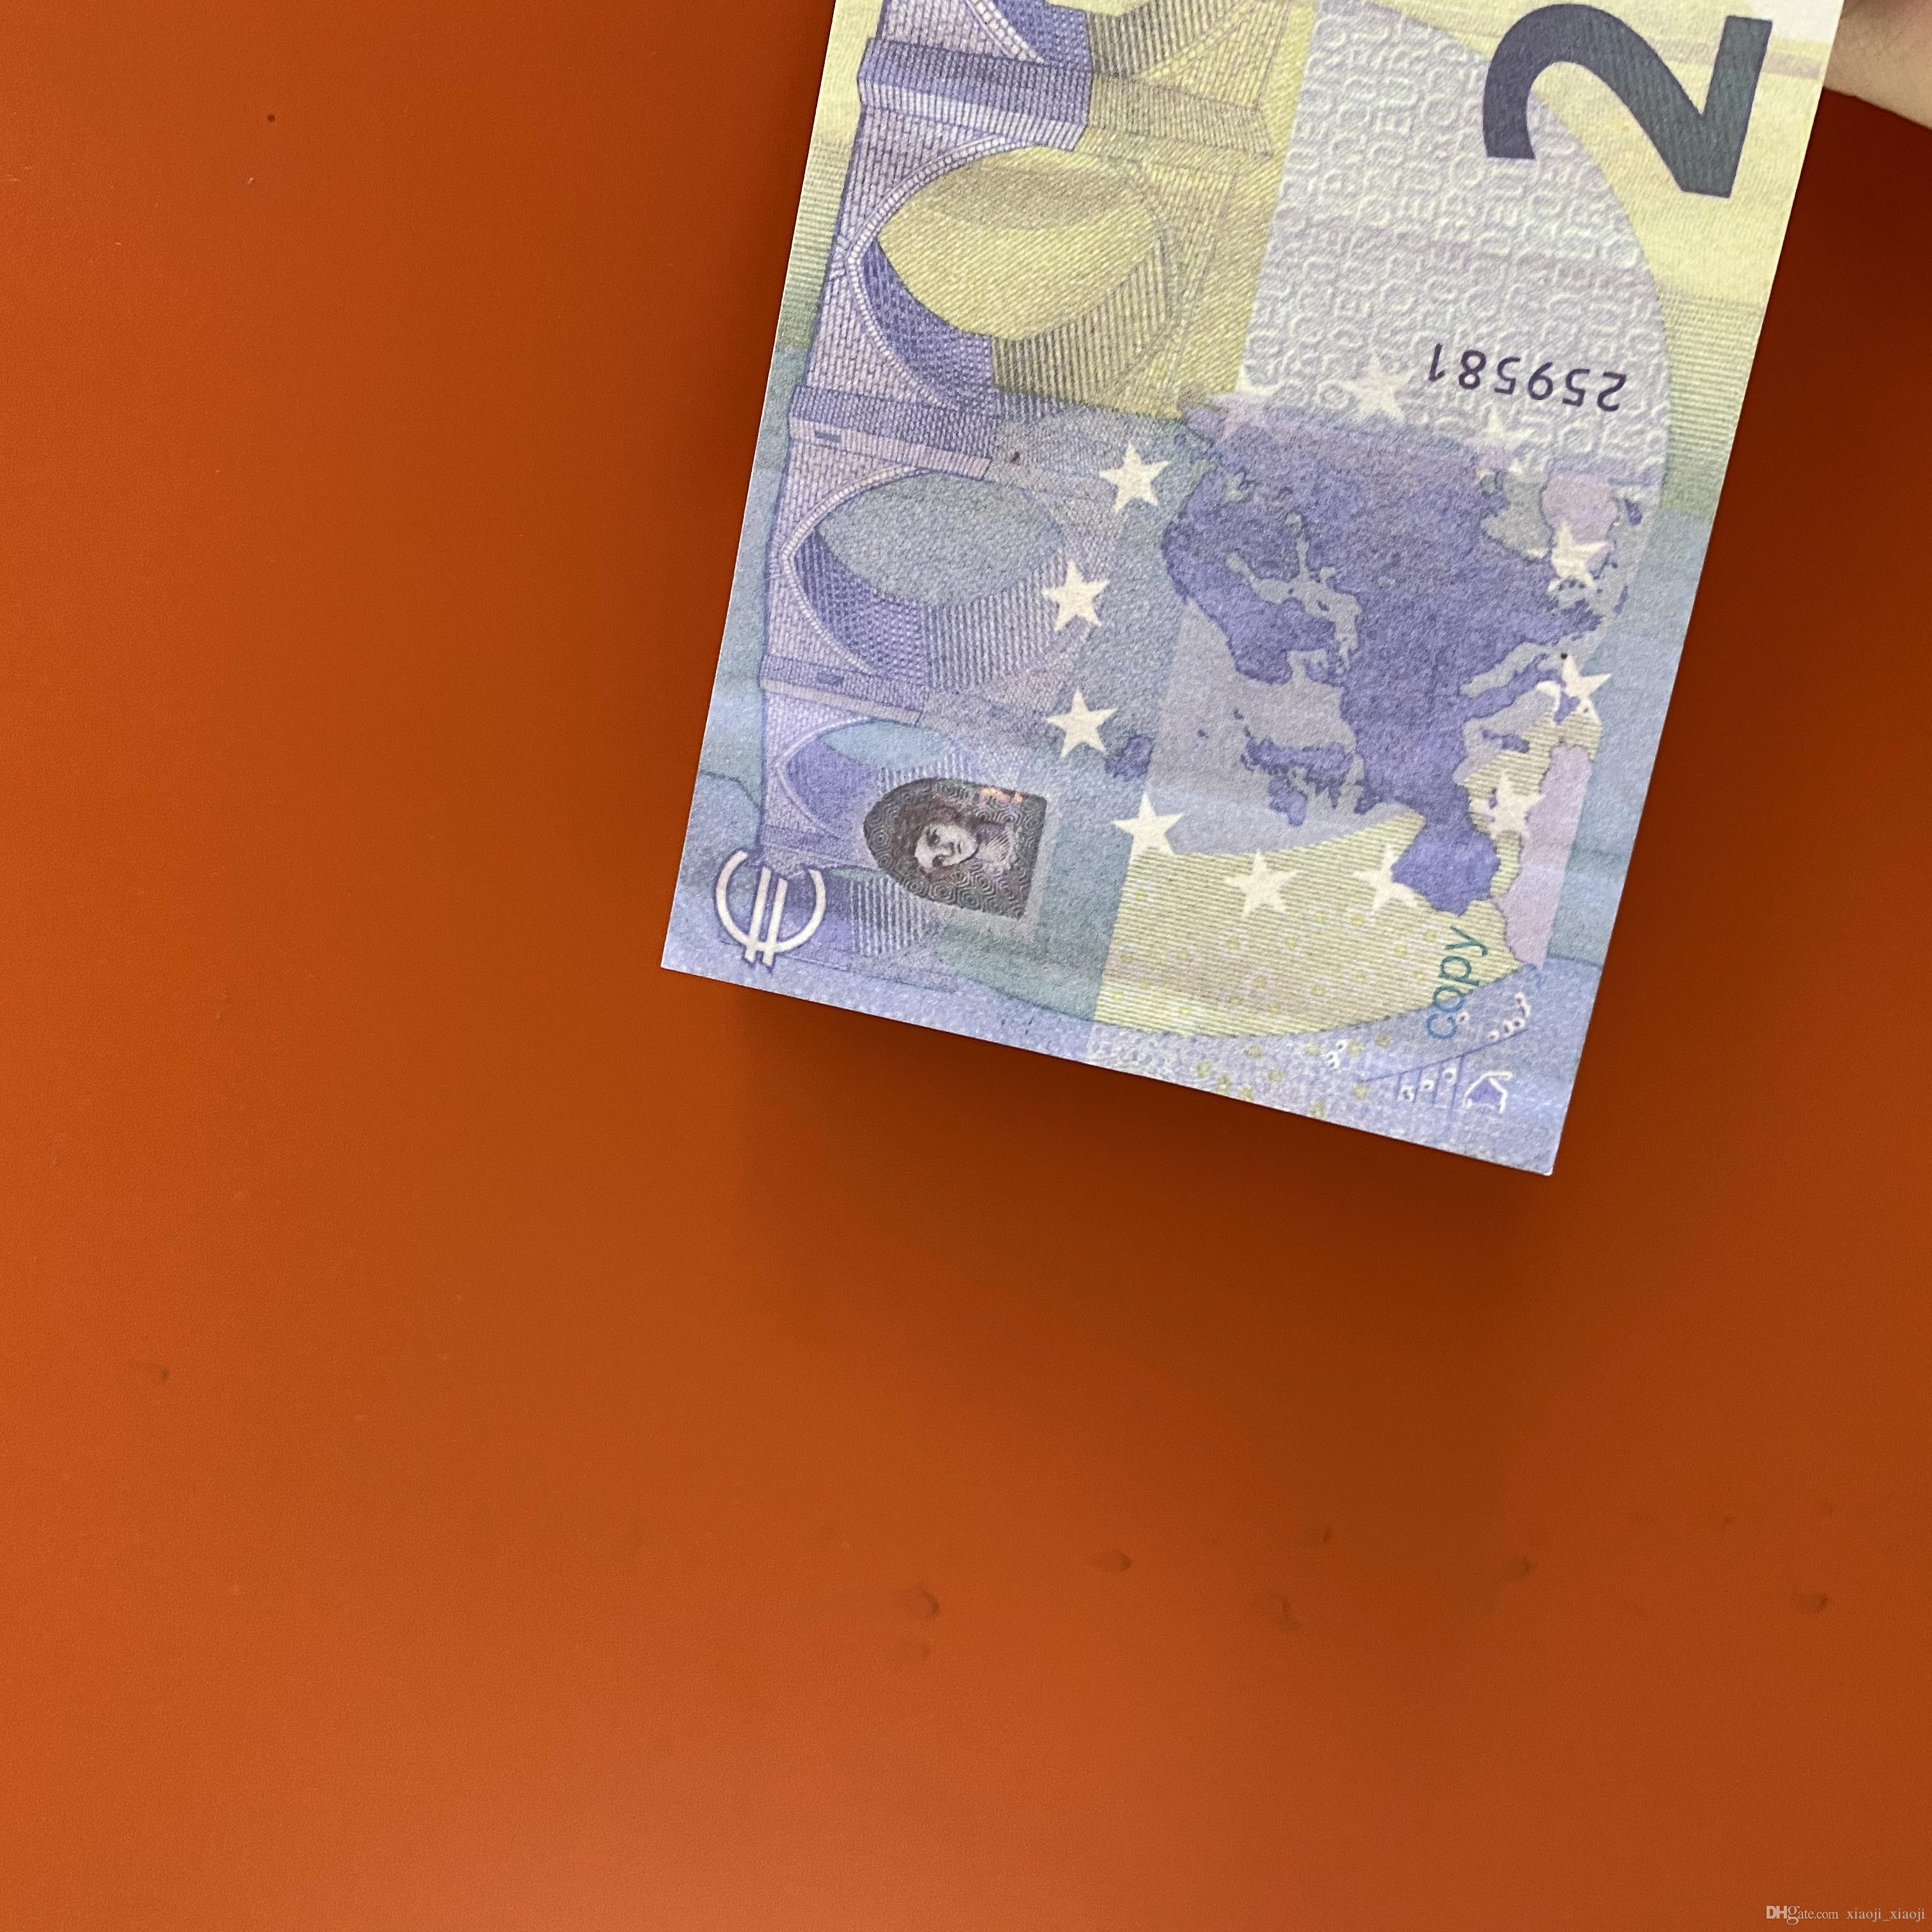 Qualität Best 07 Party Kinder Banknote Geschenk Euro Währung Film Banknote Geld Fake 20 Toy Prop dblnc